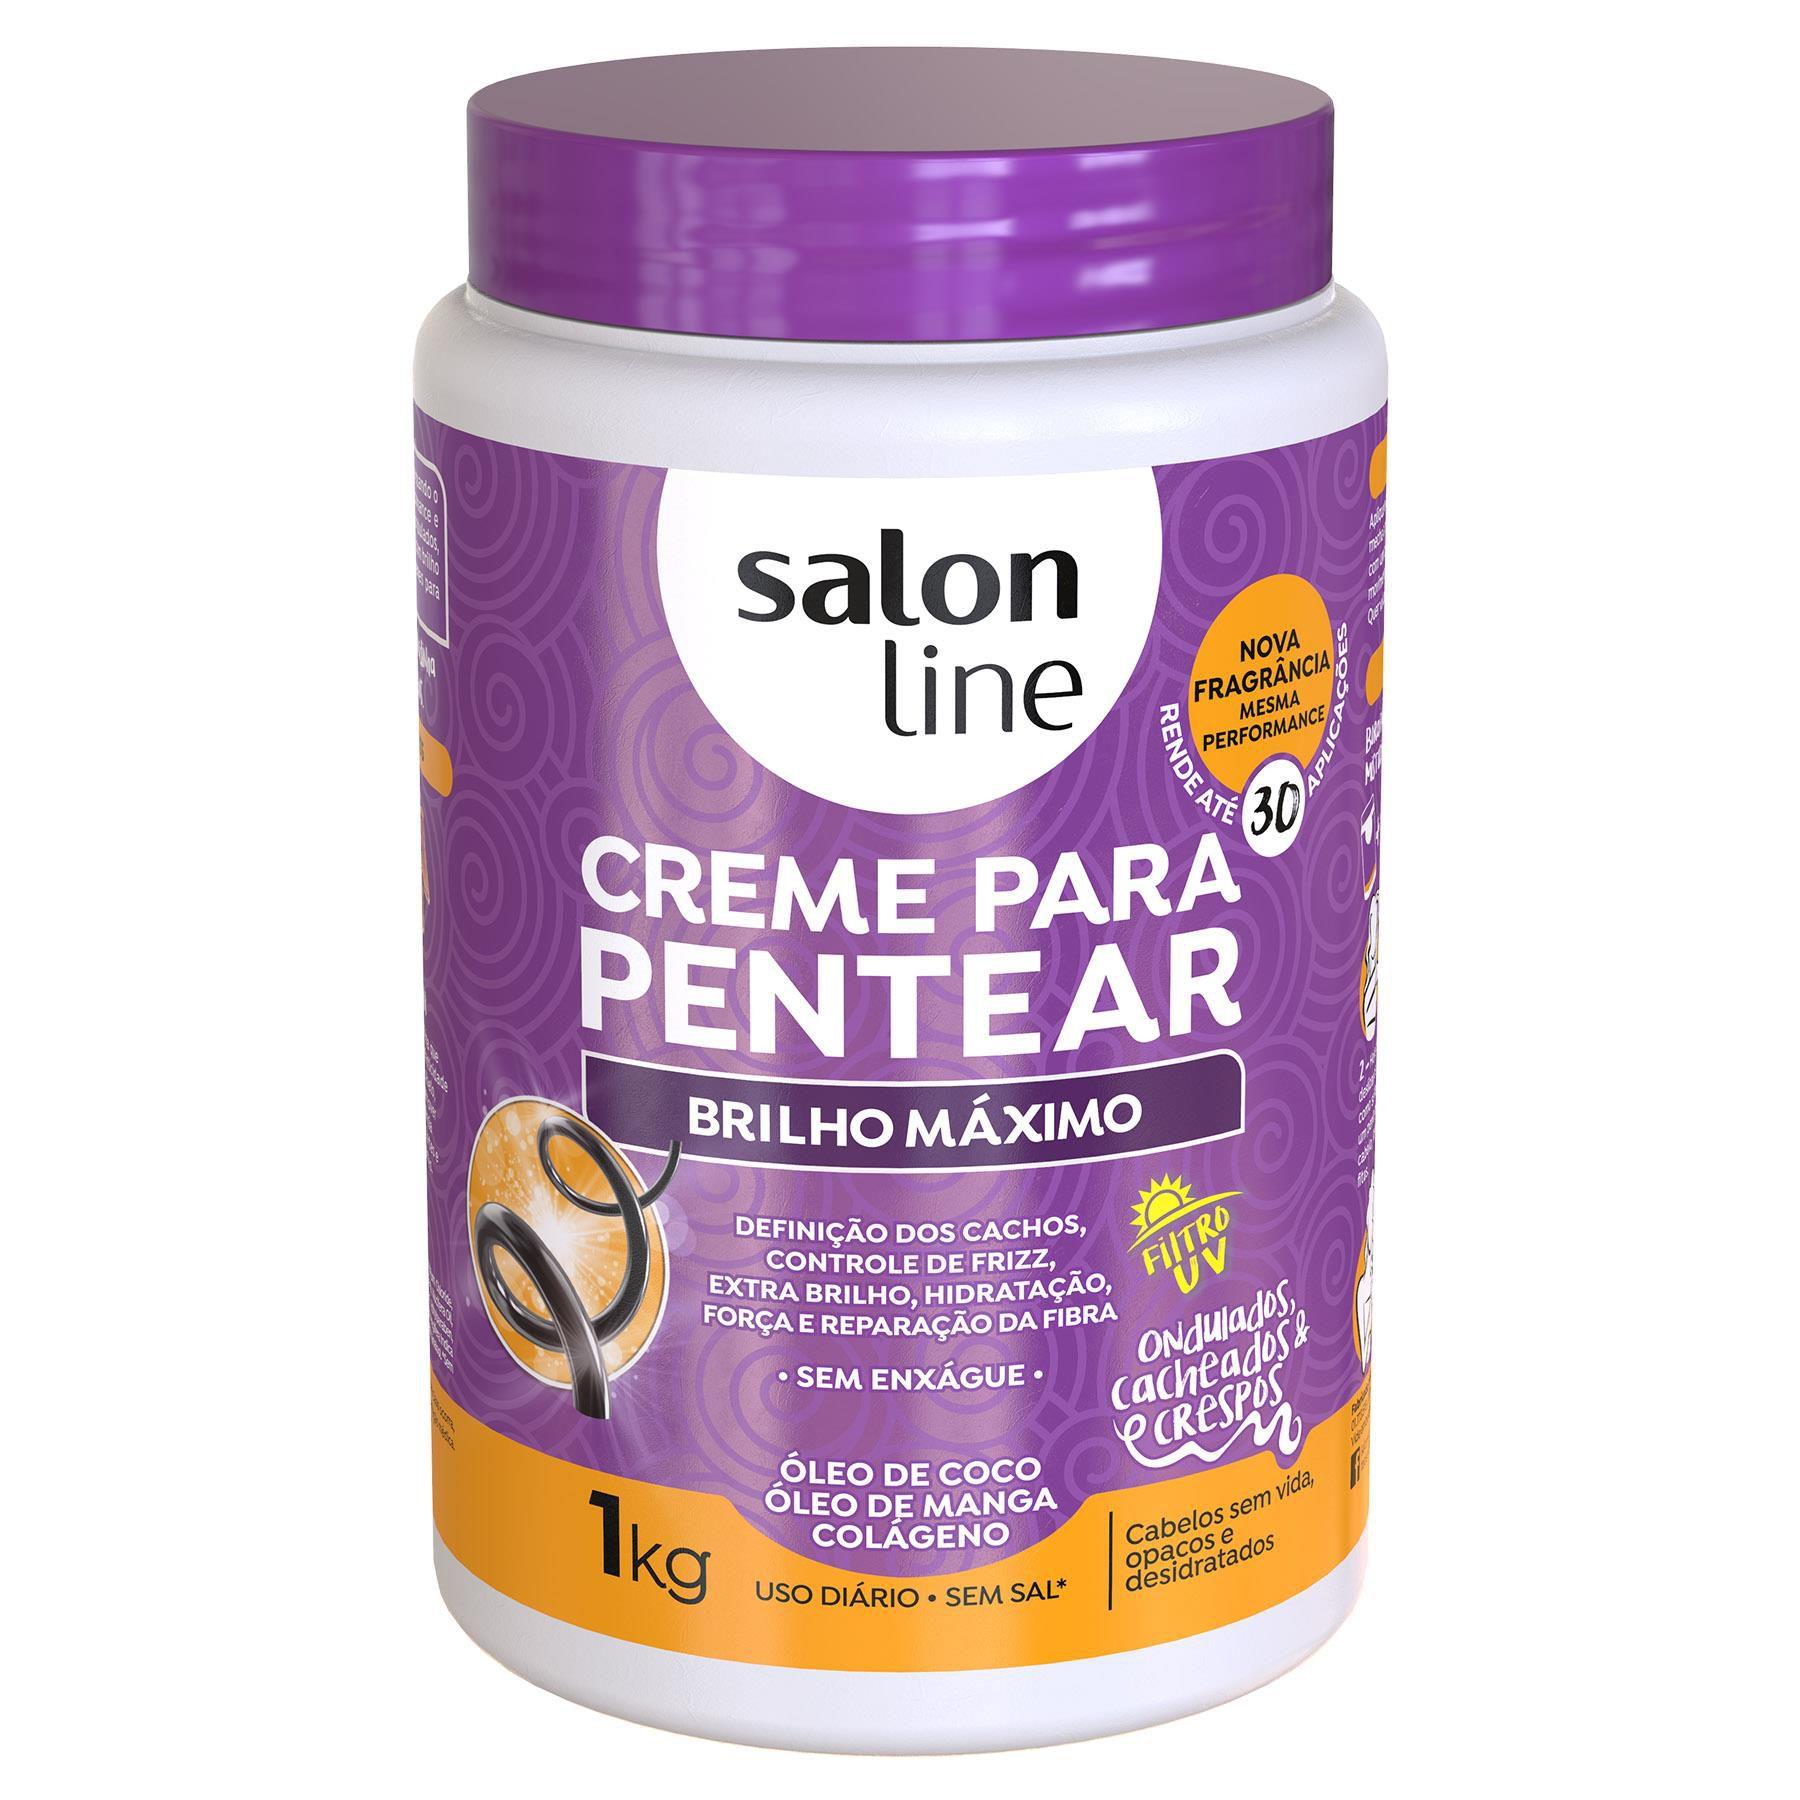 Salon Line Creme para Pentear Brilho Maximo 1Kg